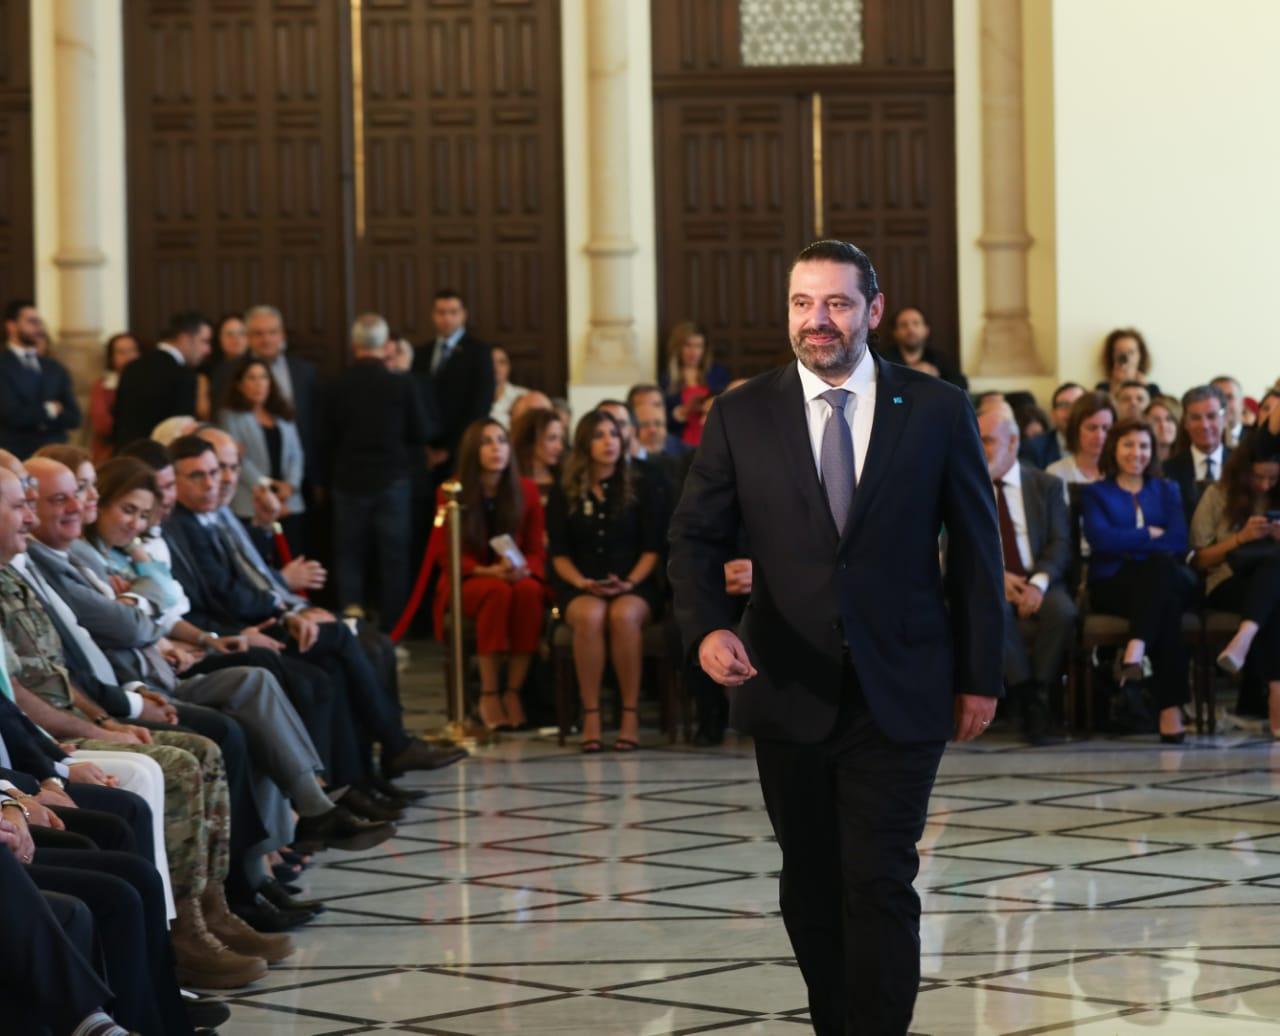 الحريري لباسيل: زيارة سوريا شأنك الخاص...واذا لم نوقف الأزمة الإقتصادية ستنقلب الطاولة على رؤوس الجميع